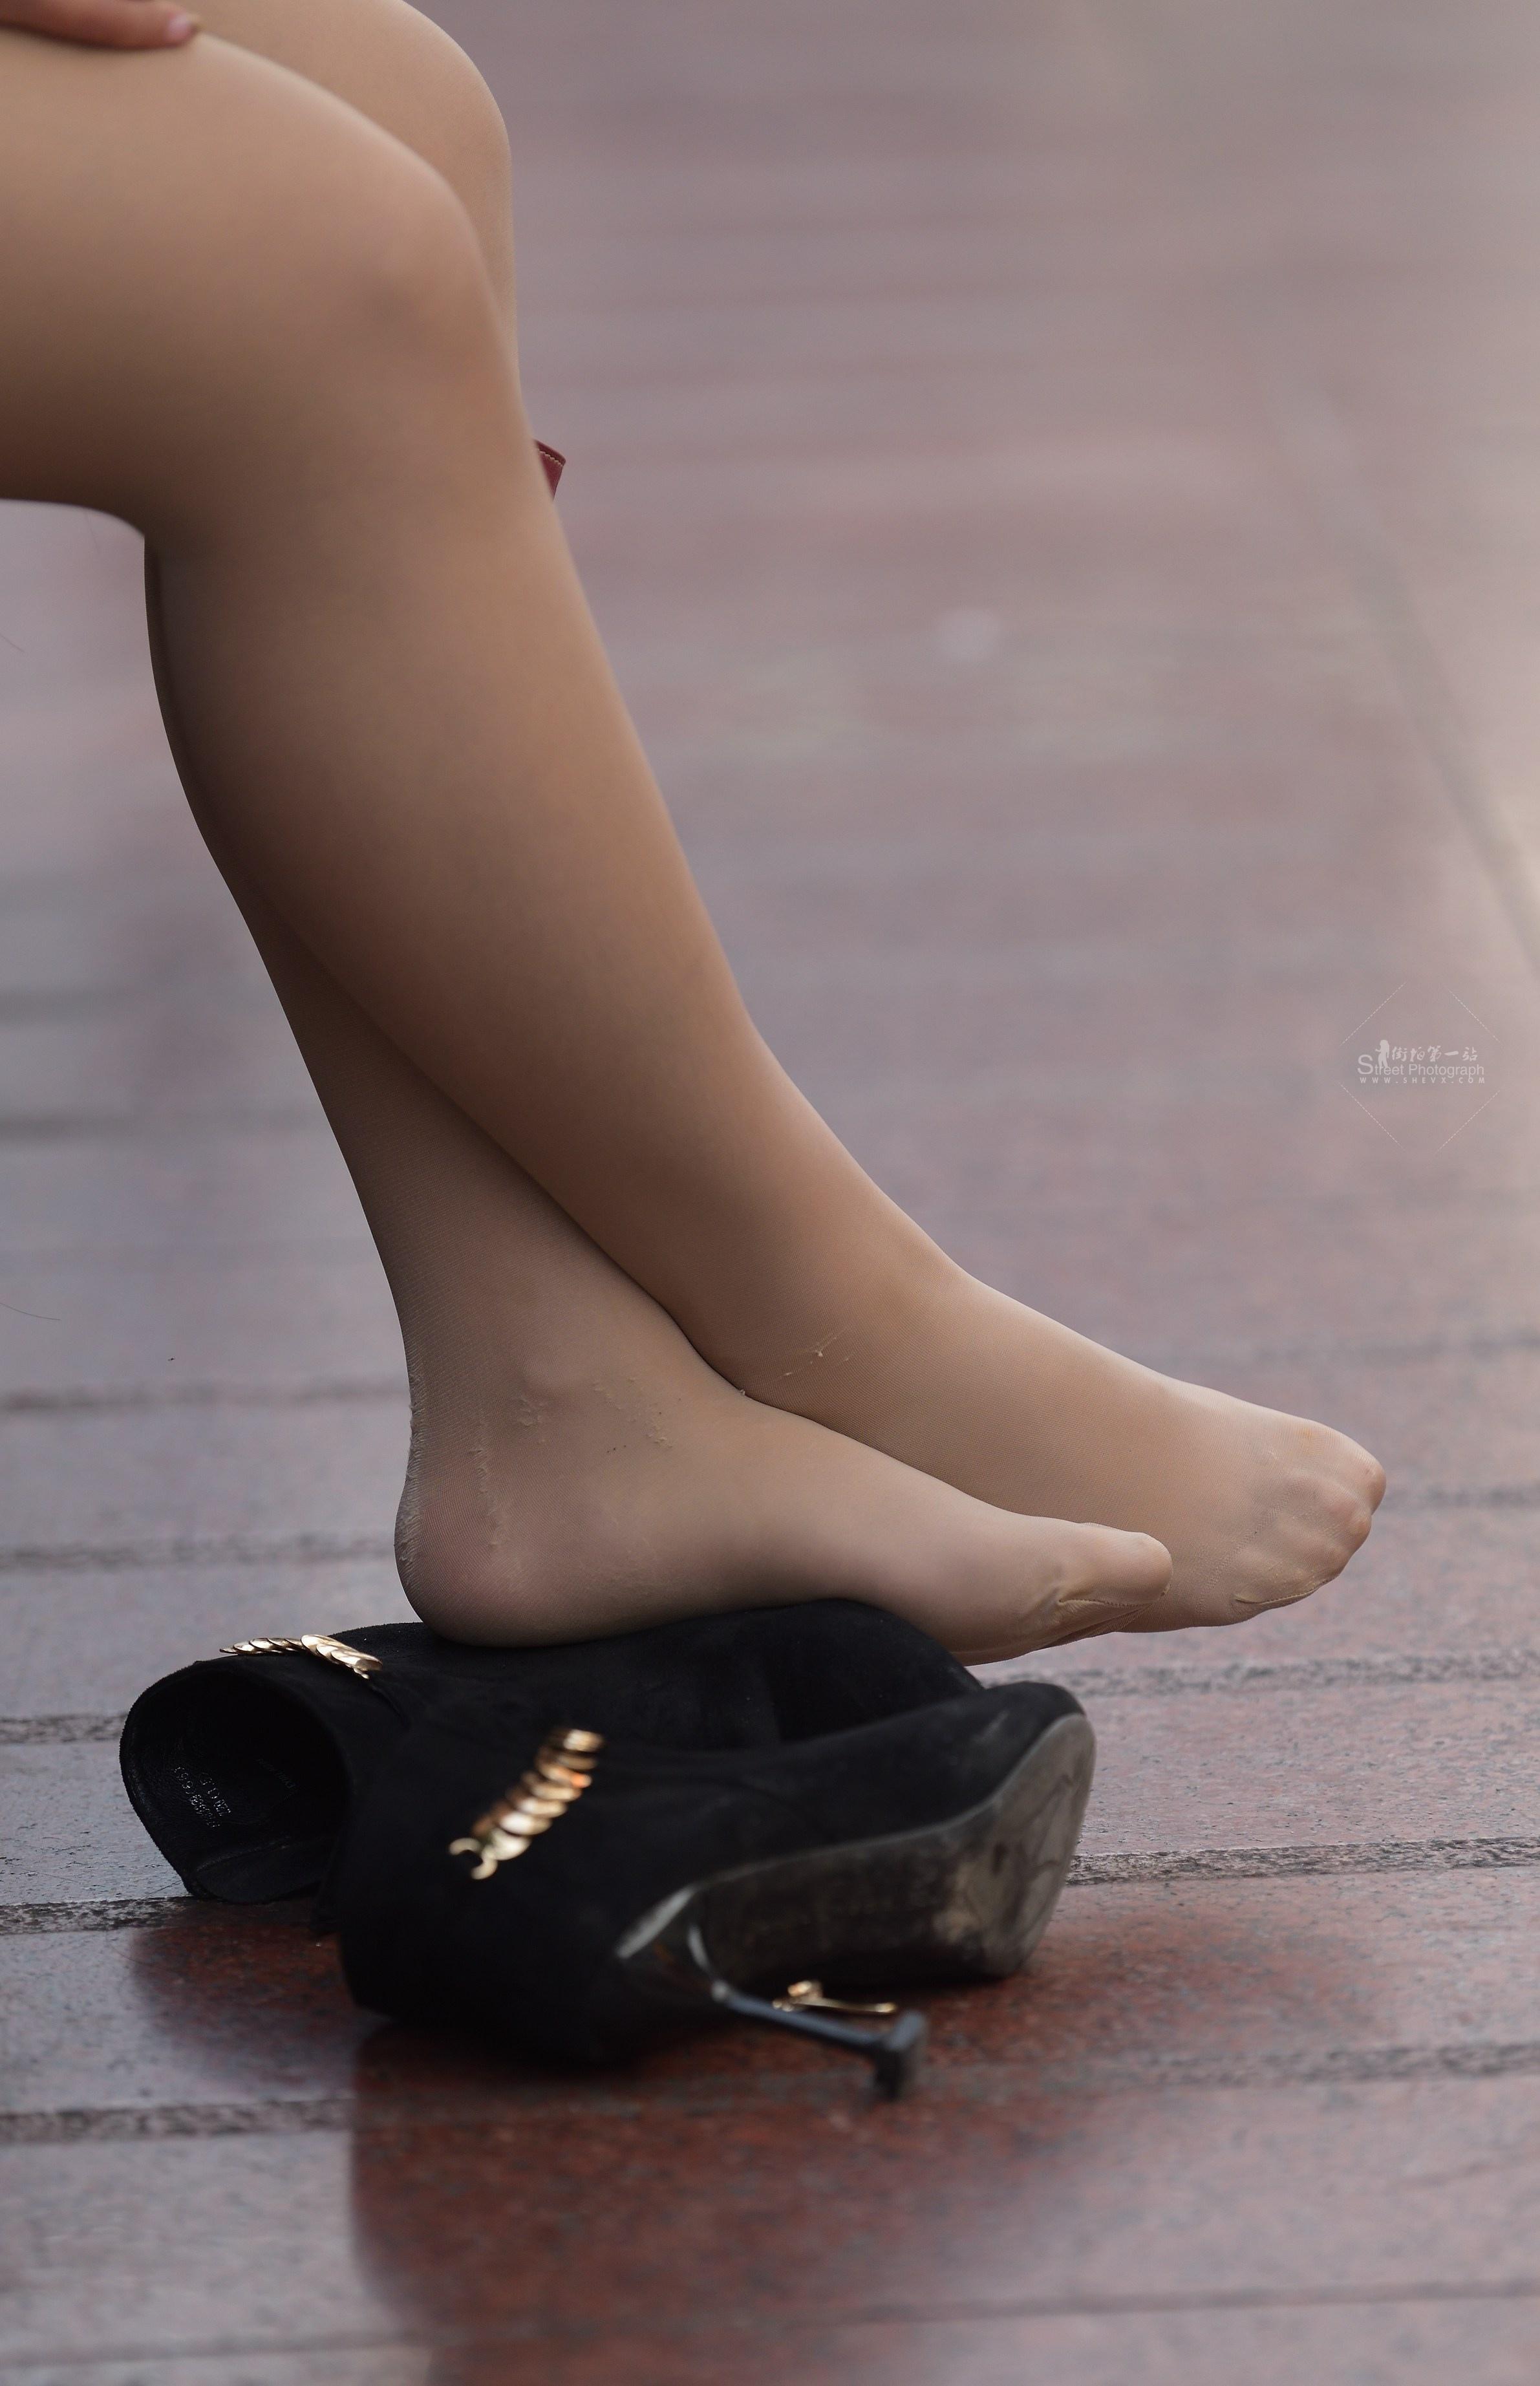 丝袜最爱 - 签约原创独发作品- 街拍第一站